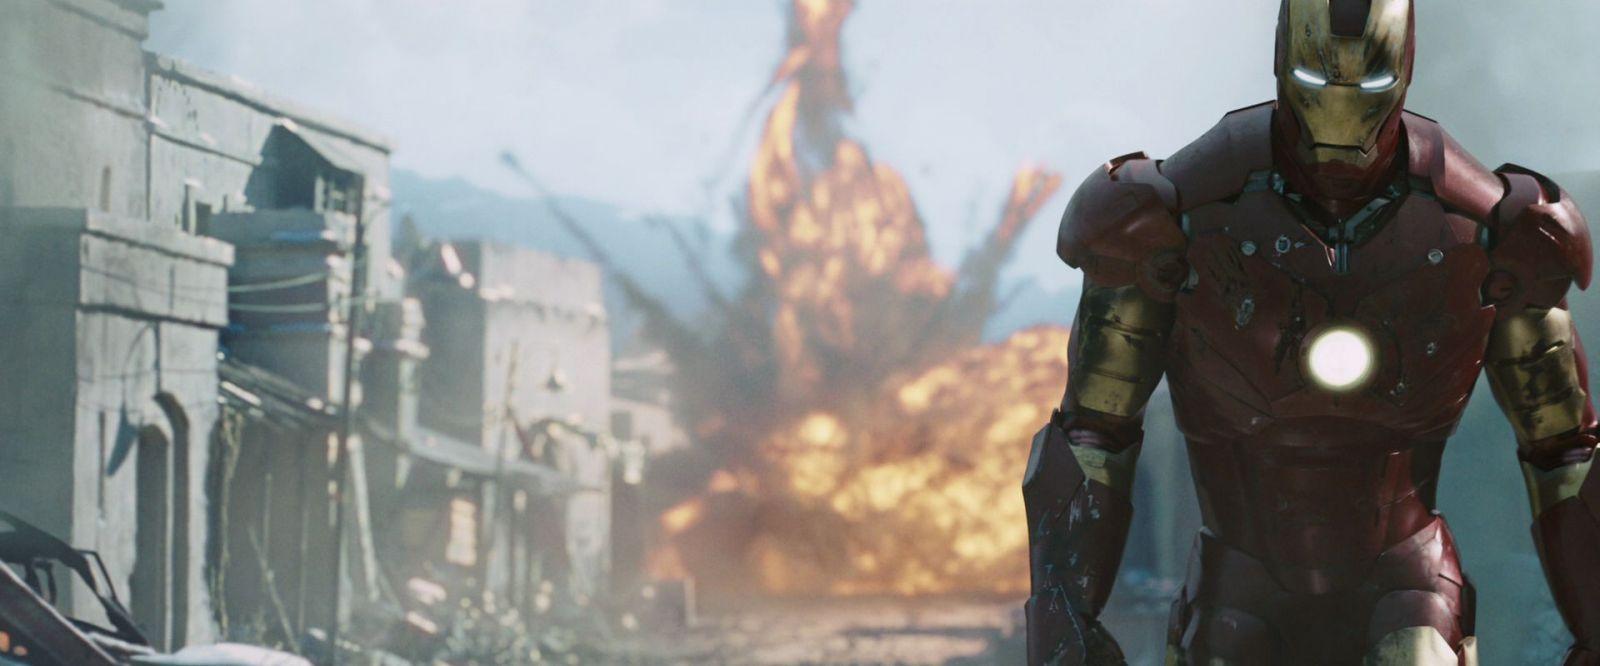 Smrť Iron Mana bude ovplyvňovať MCU ešte dlhé roky po Endgame. Robert Downey Jr. na filme zarobil 75 miliónov dolárov